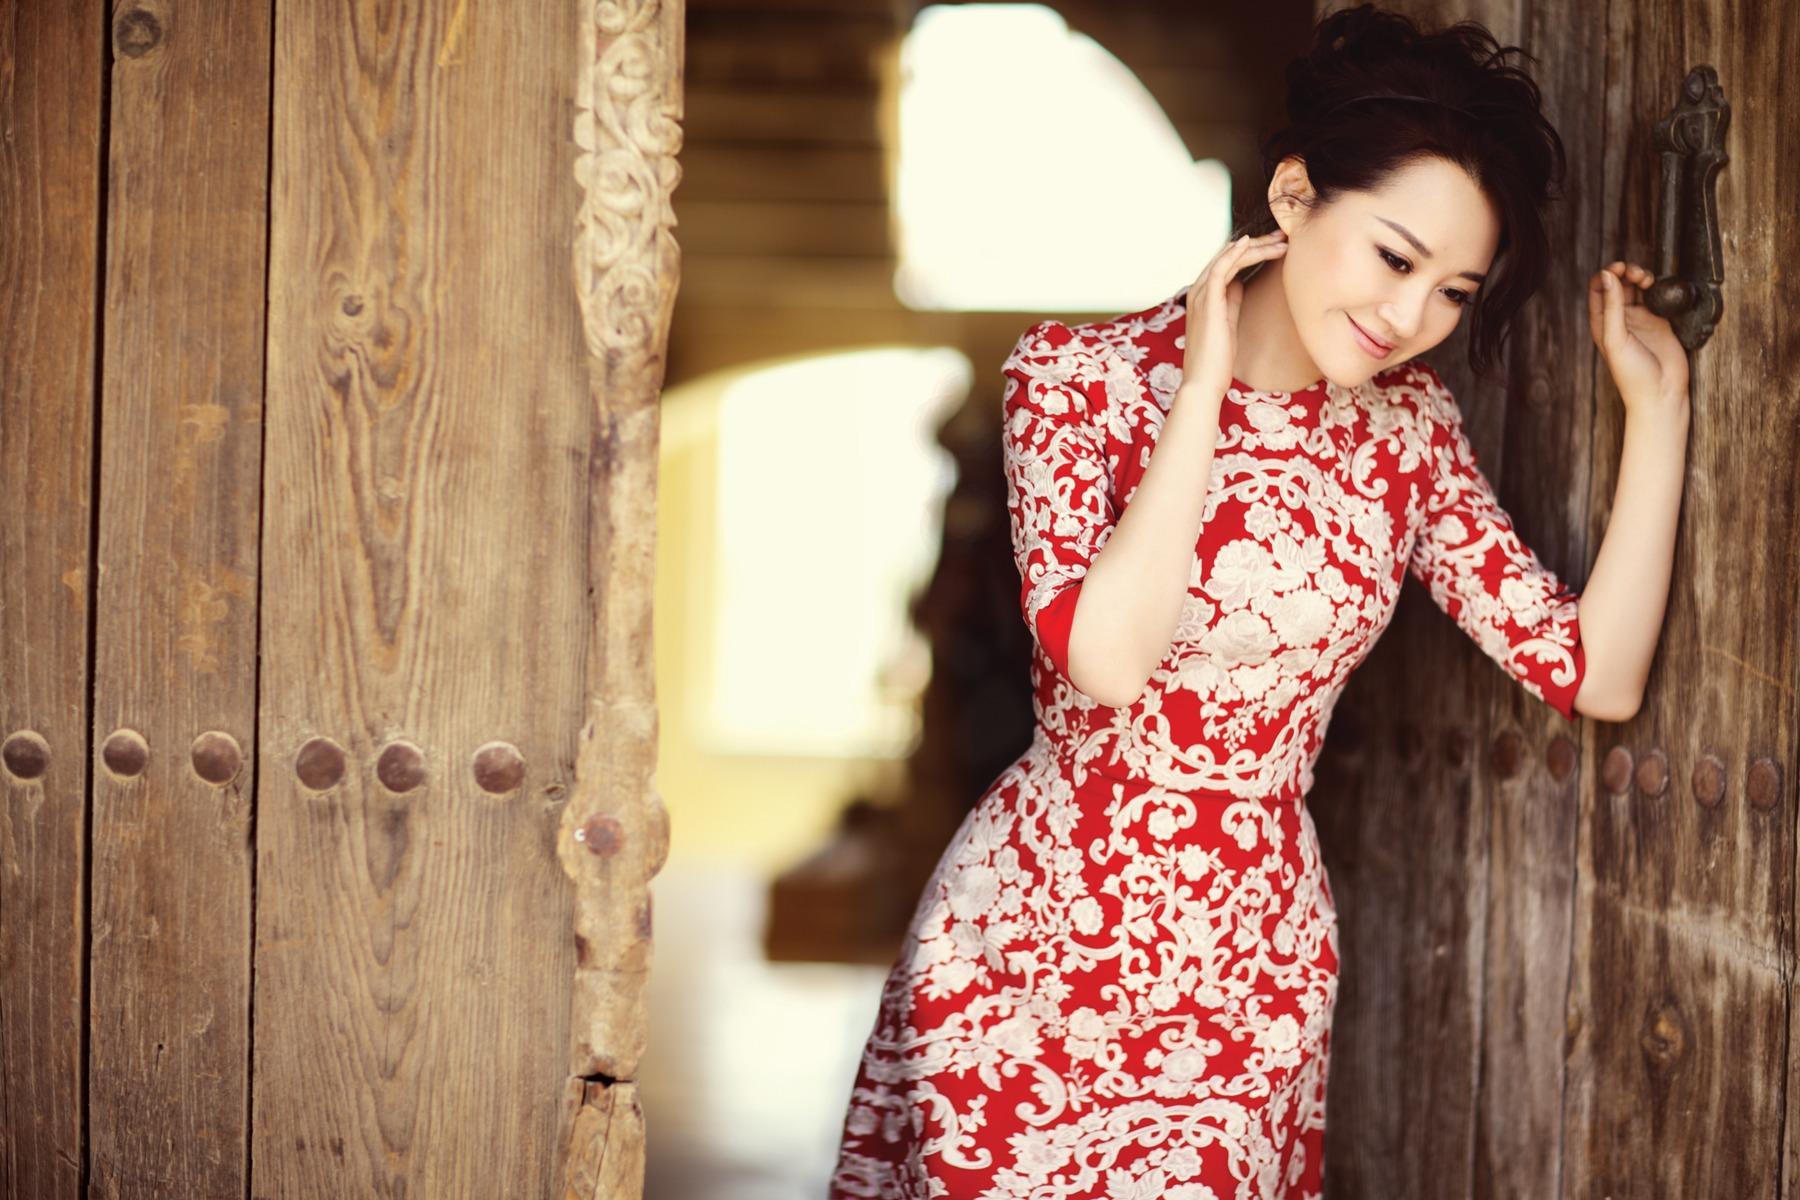 Vóc dáng hoàn hảo của loạt mỹ nhân U60 xứ Trung khiến giới trẻ 'chạy theo không kịp'-1